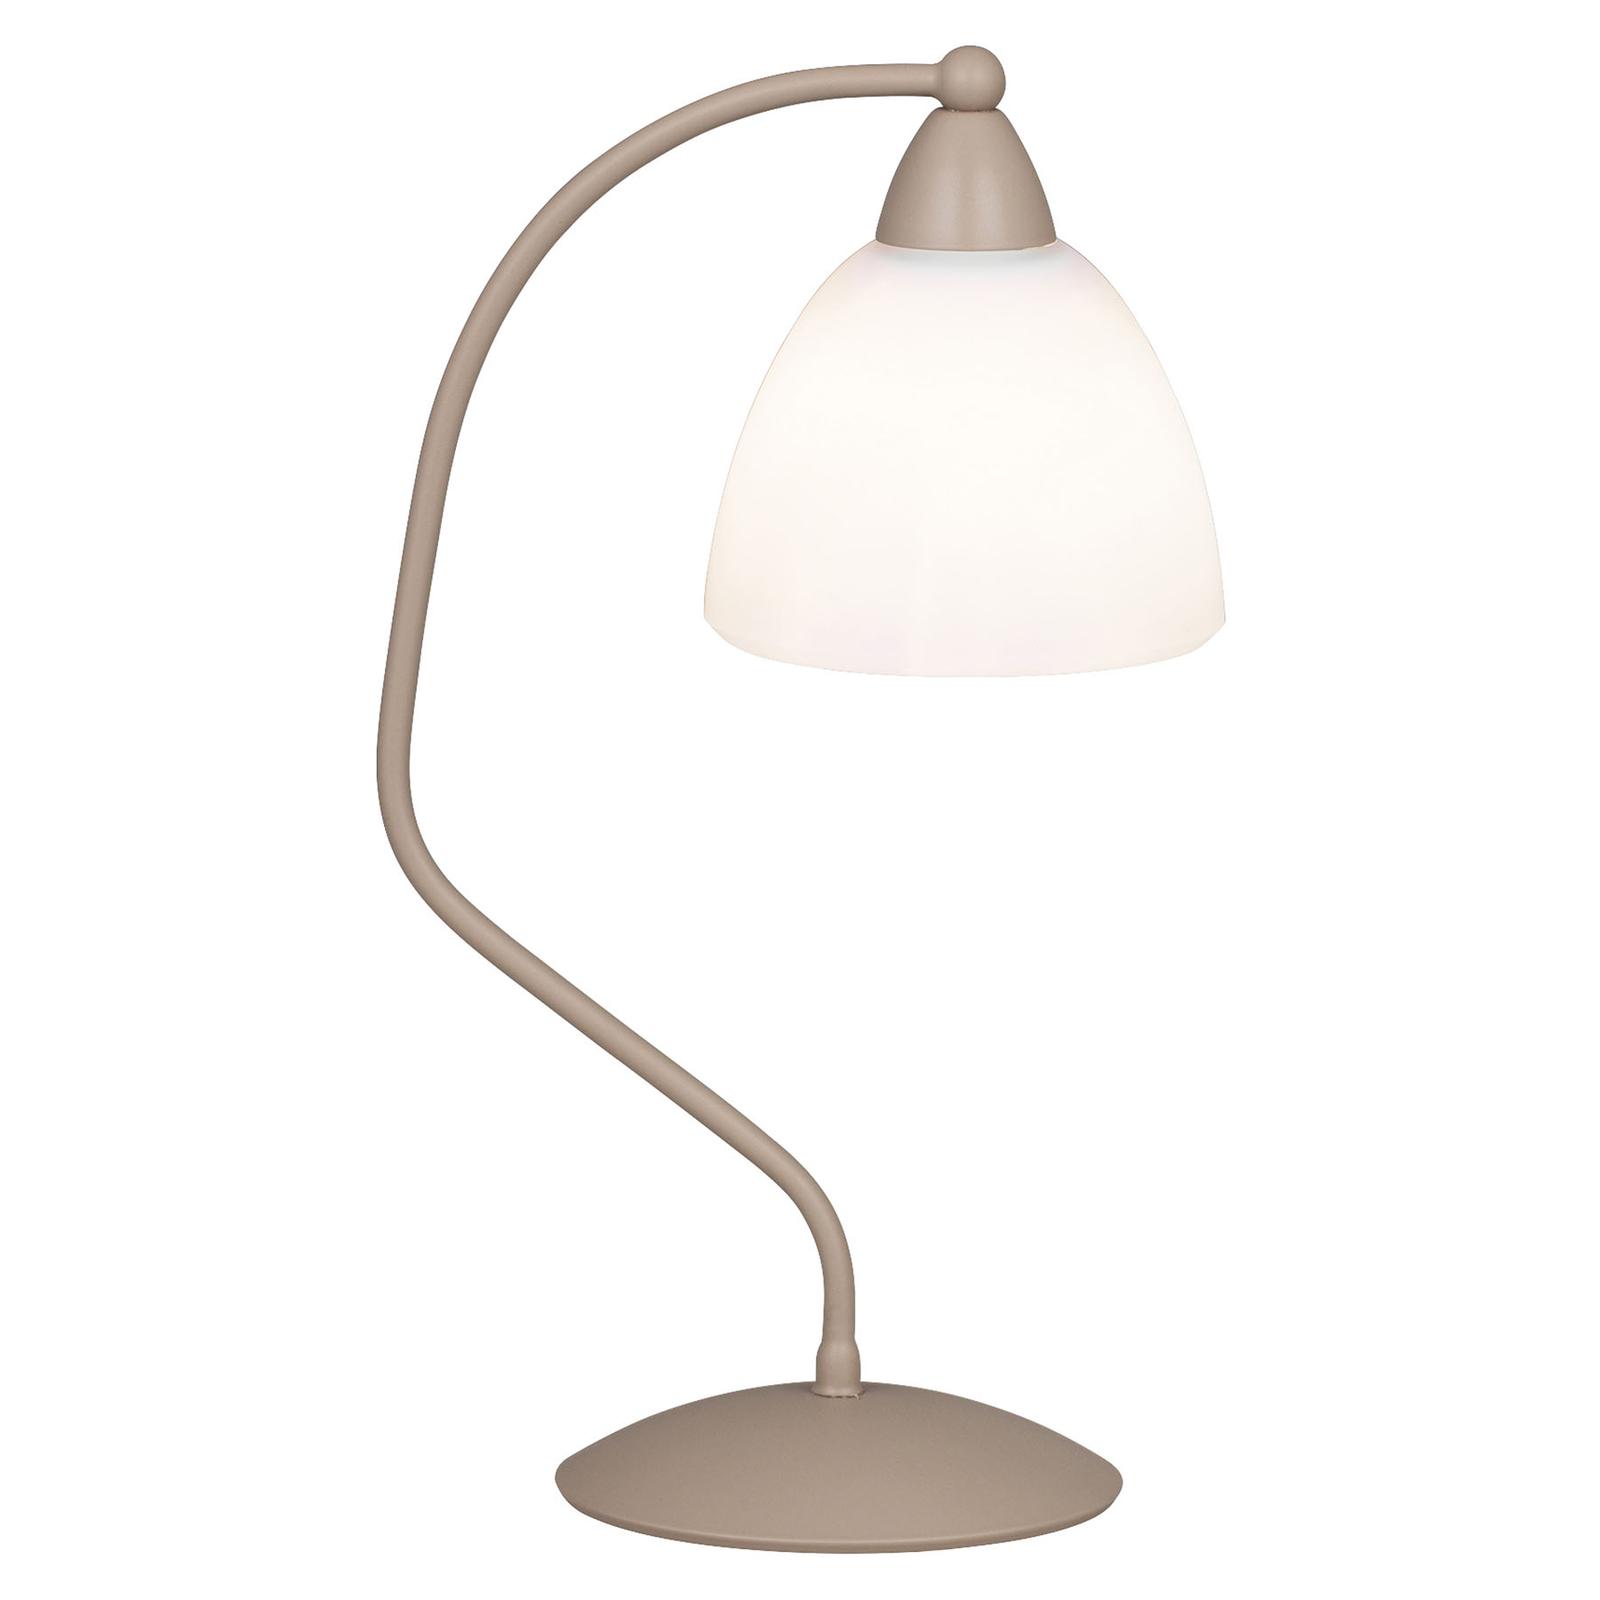 Pöytälamppu 1795/1L valkoinen, havana beige